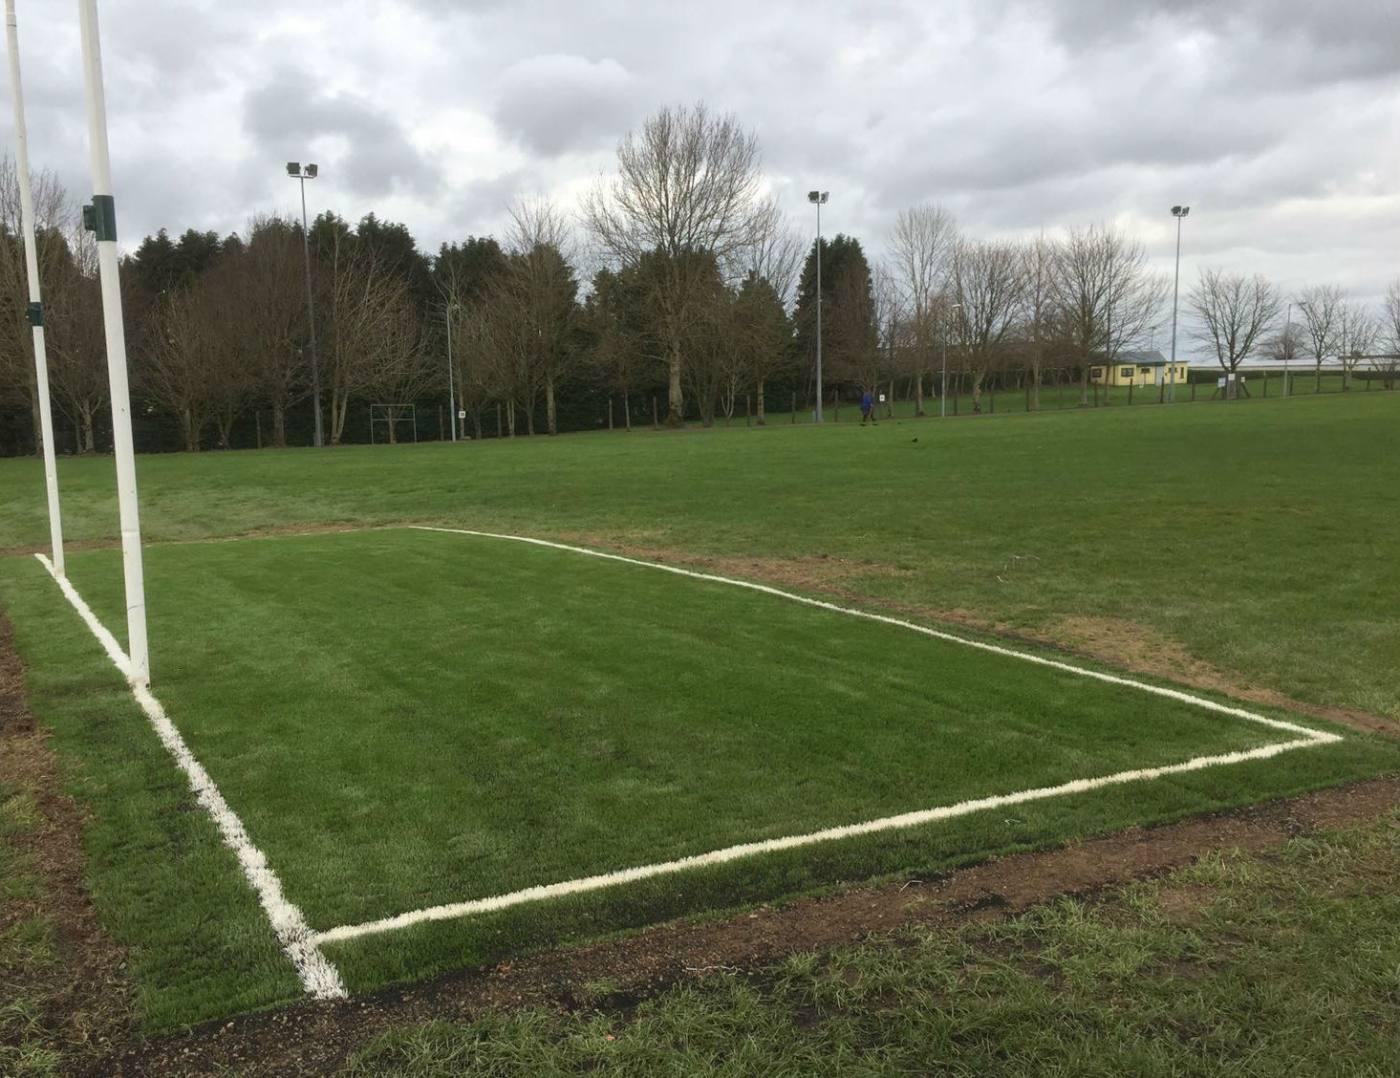 Artificial grass goalmouths at Milstreet GAA